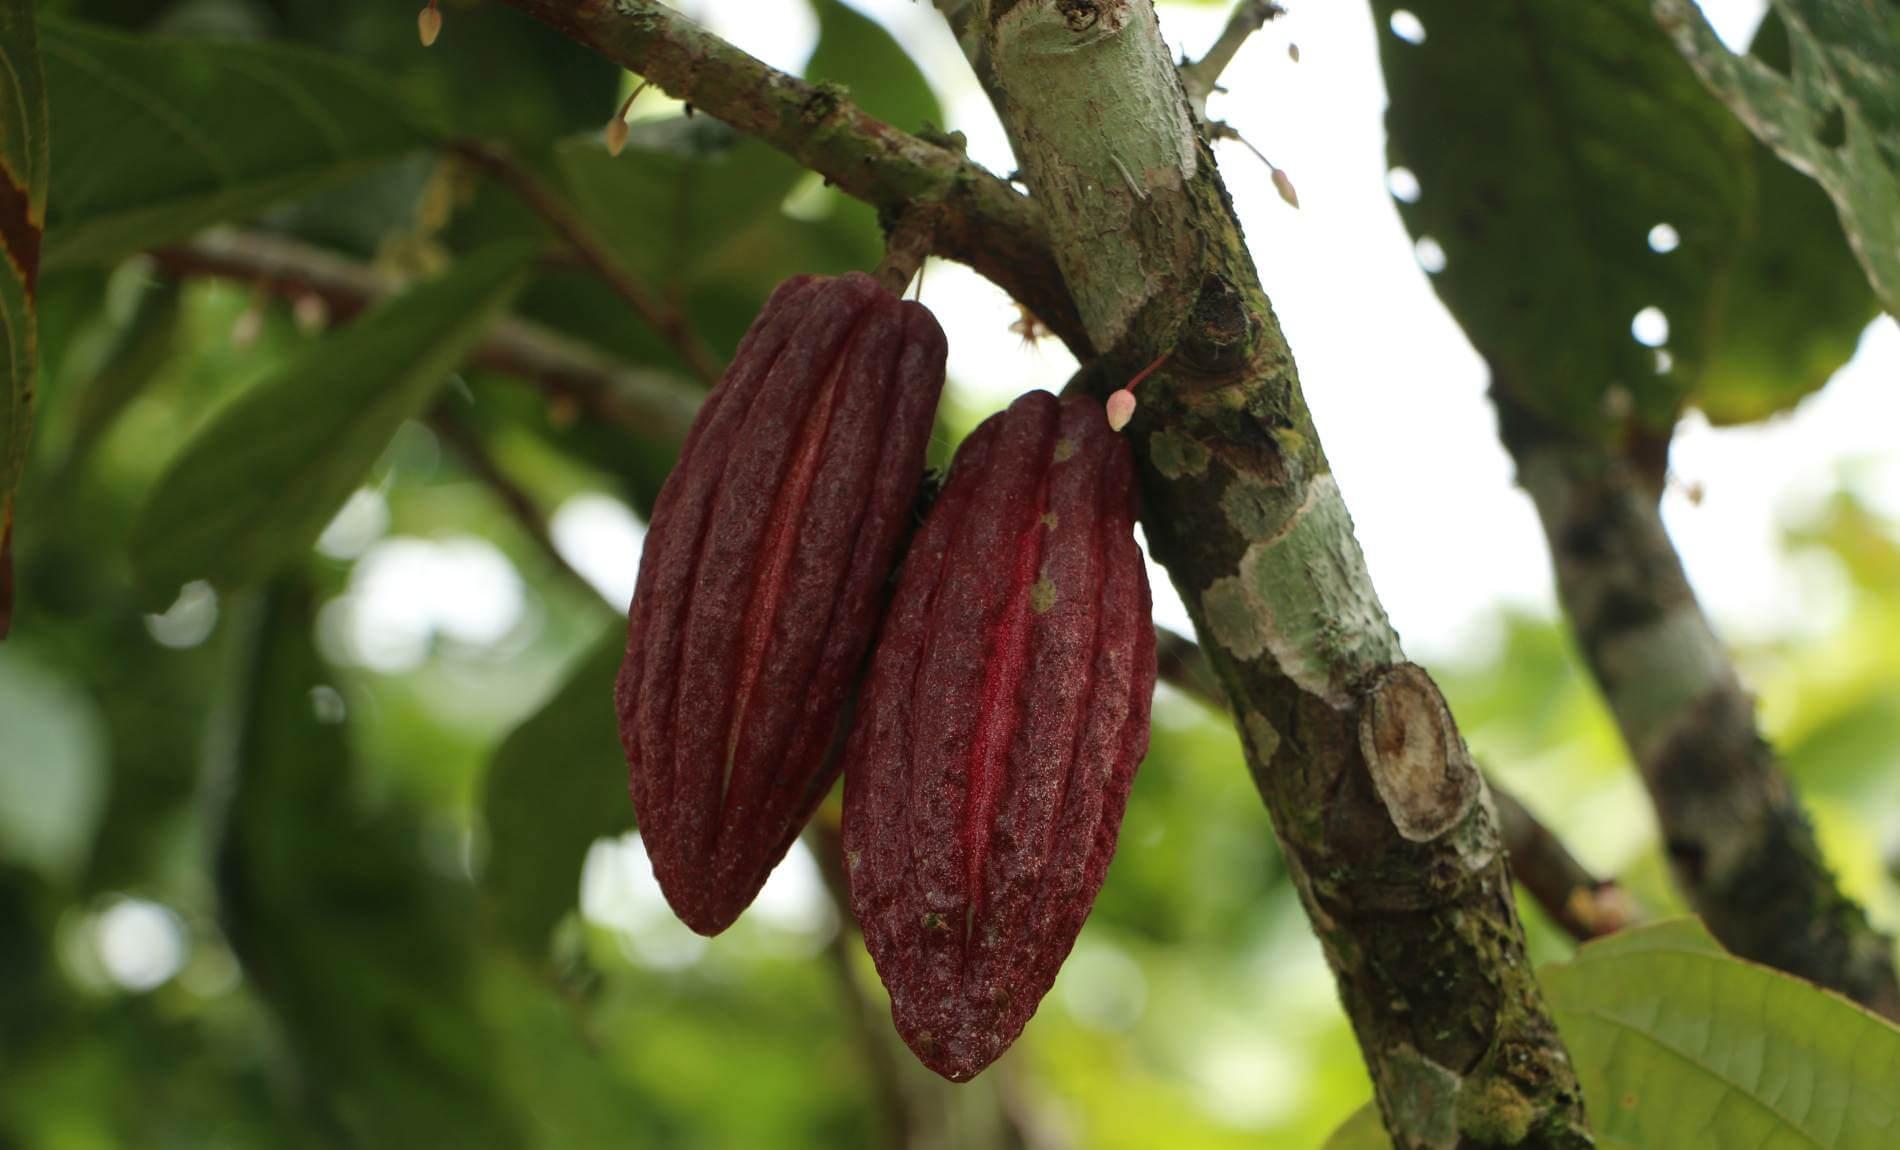 Zwei rote Kakaofrüchte auf einem grünen Kakaobaum